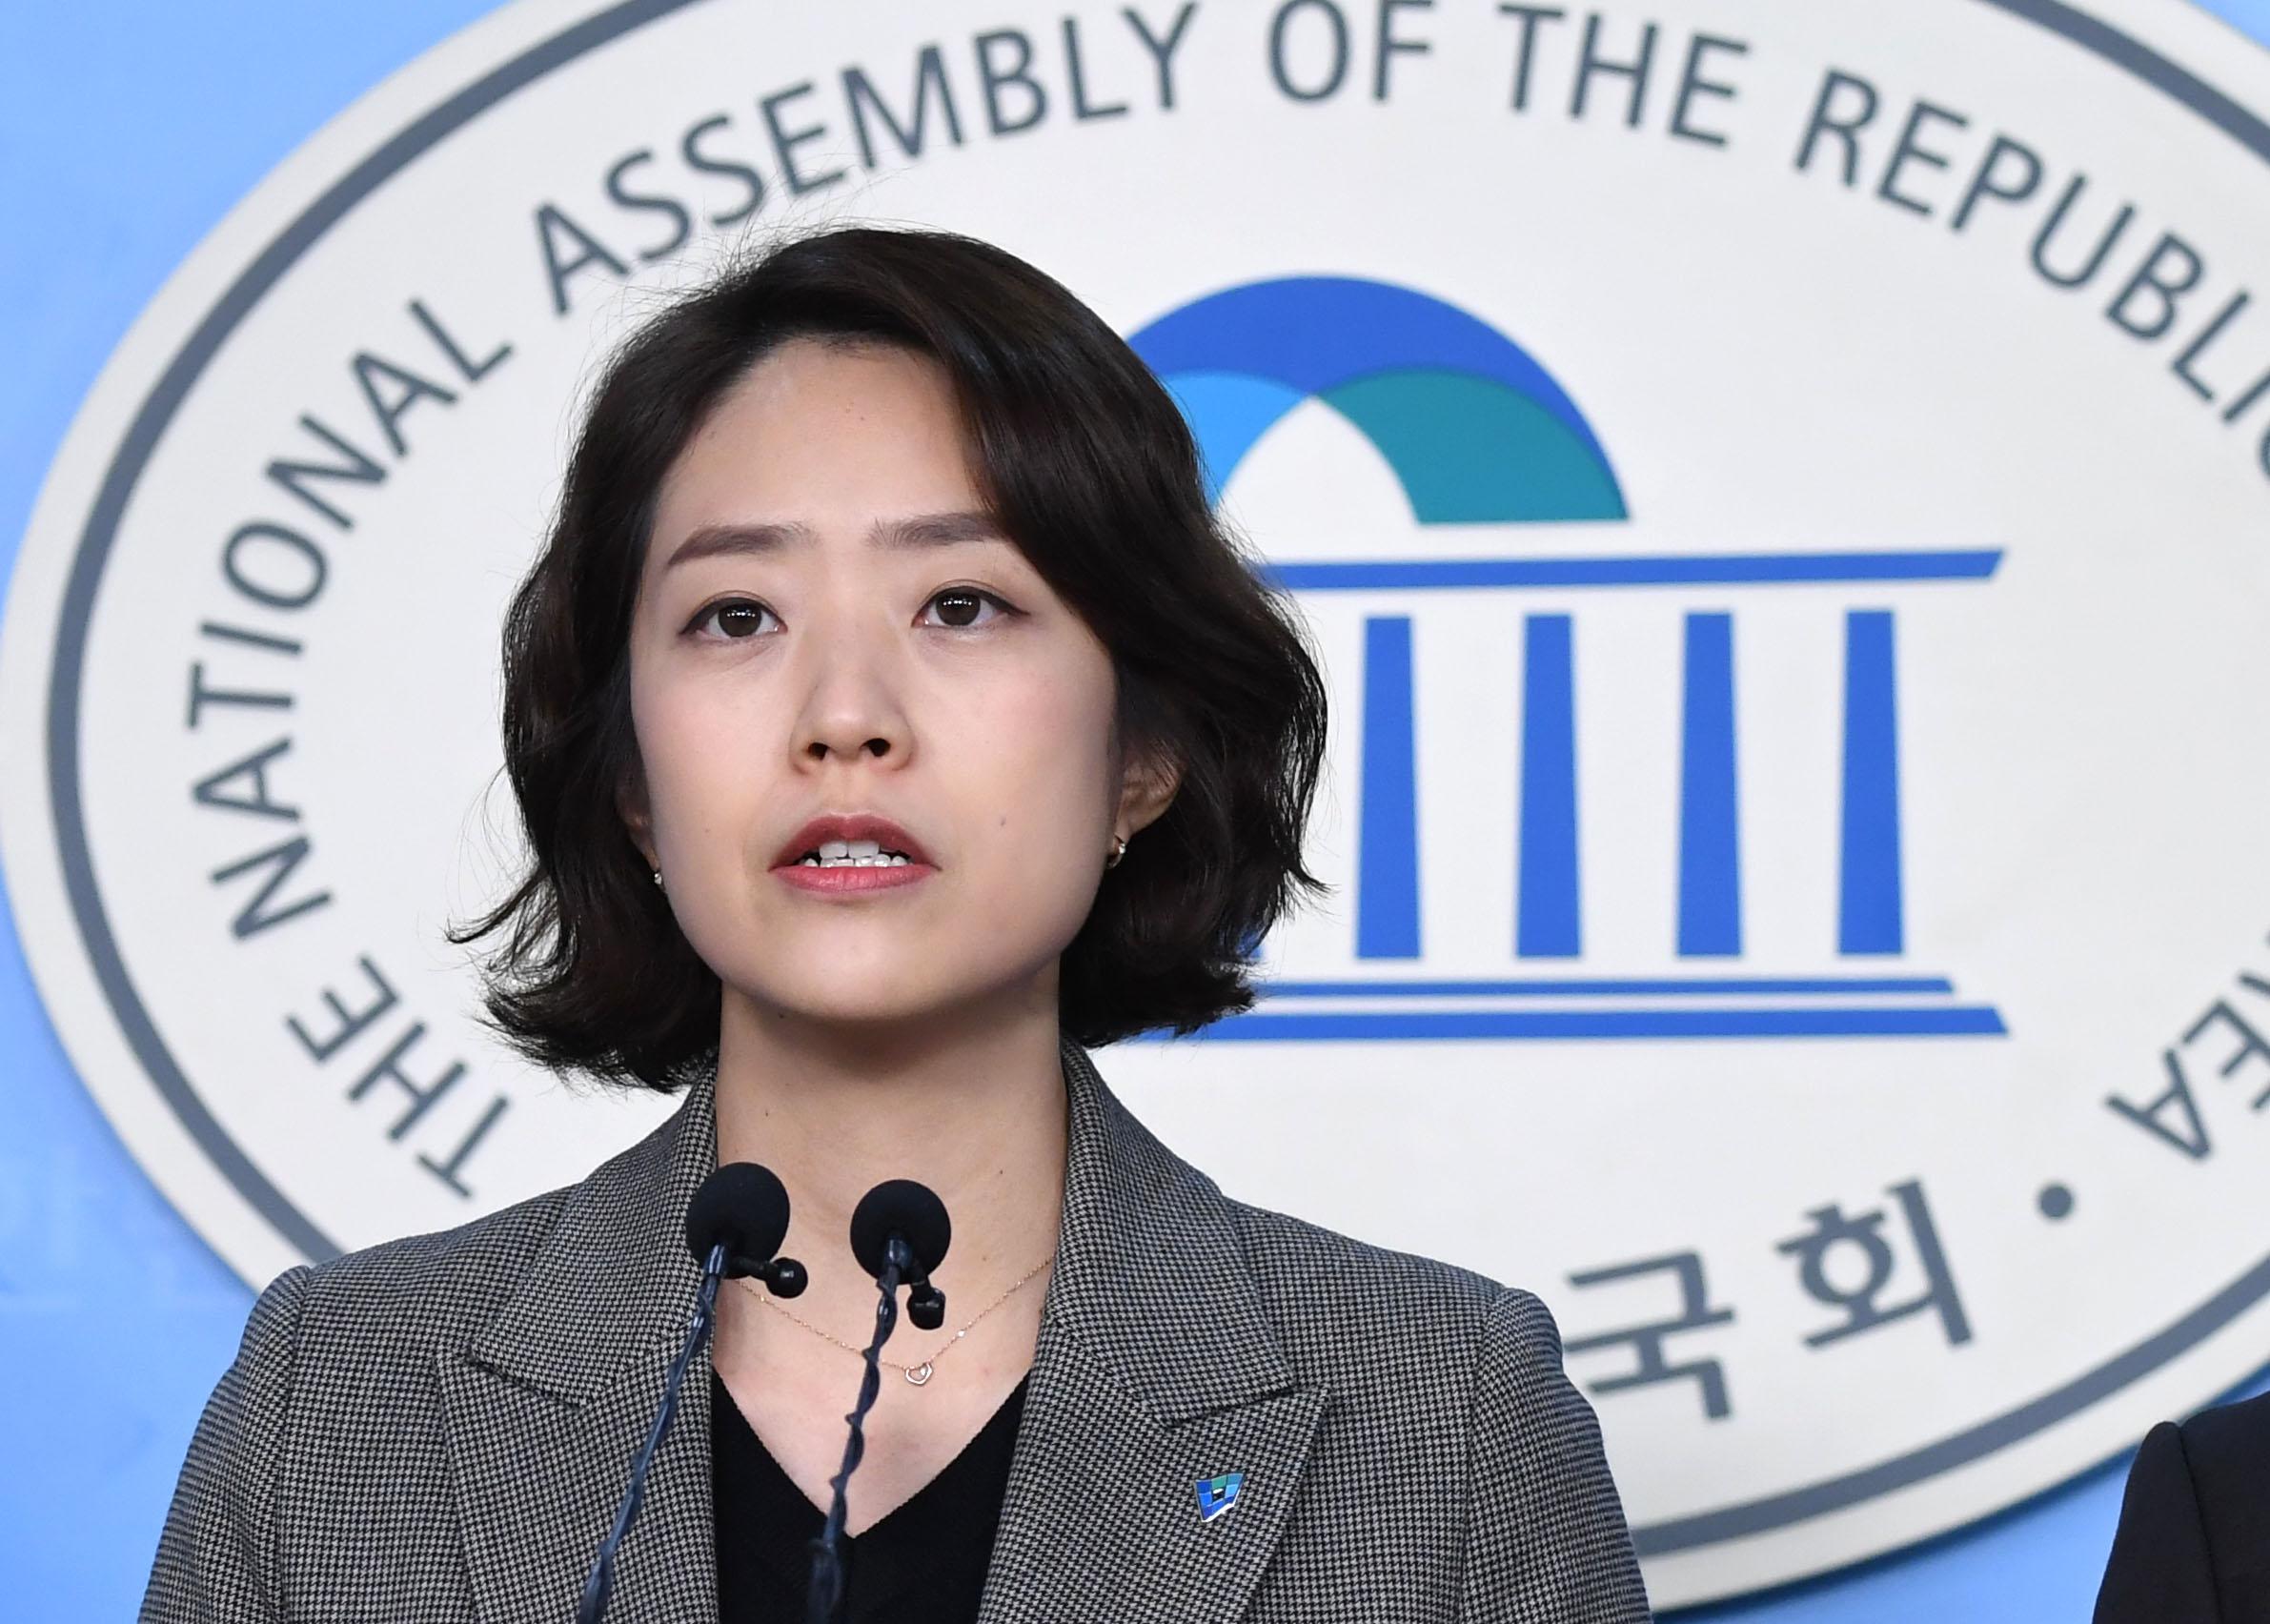 고민정 전 대변인, 미래통합당 탄핵발언 관련 기자회견